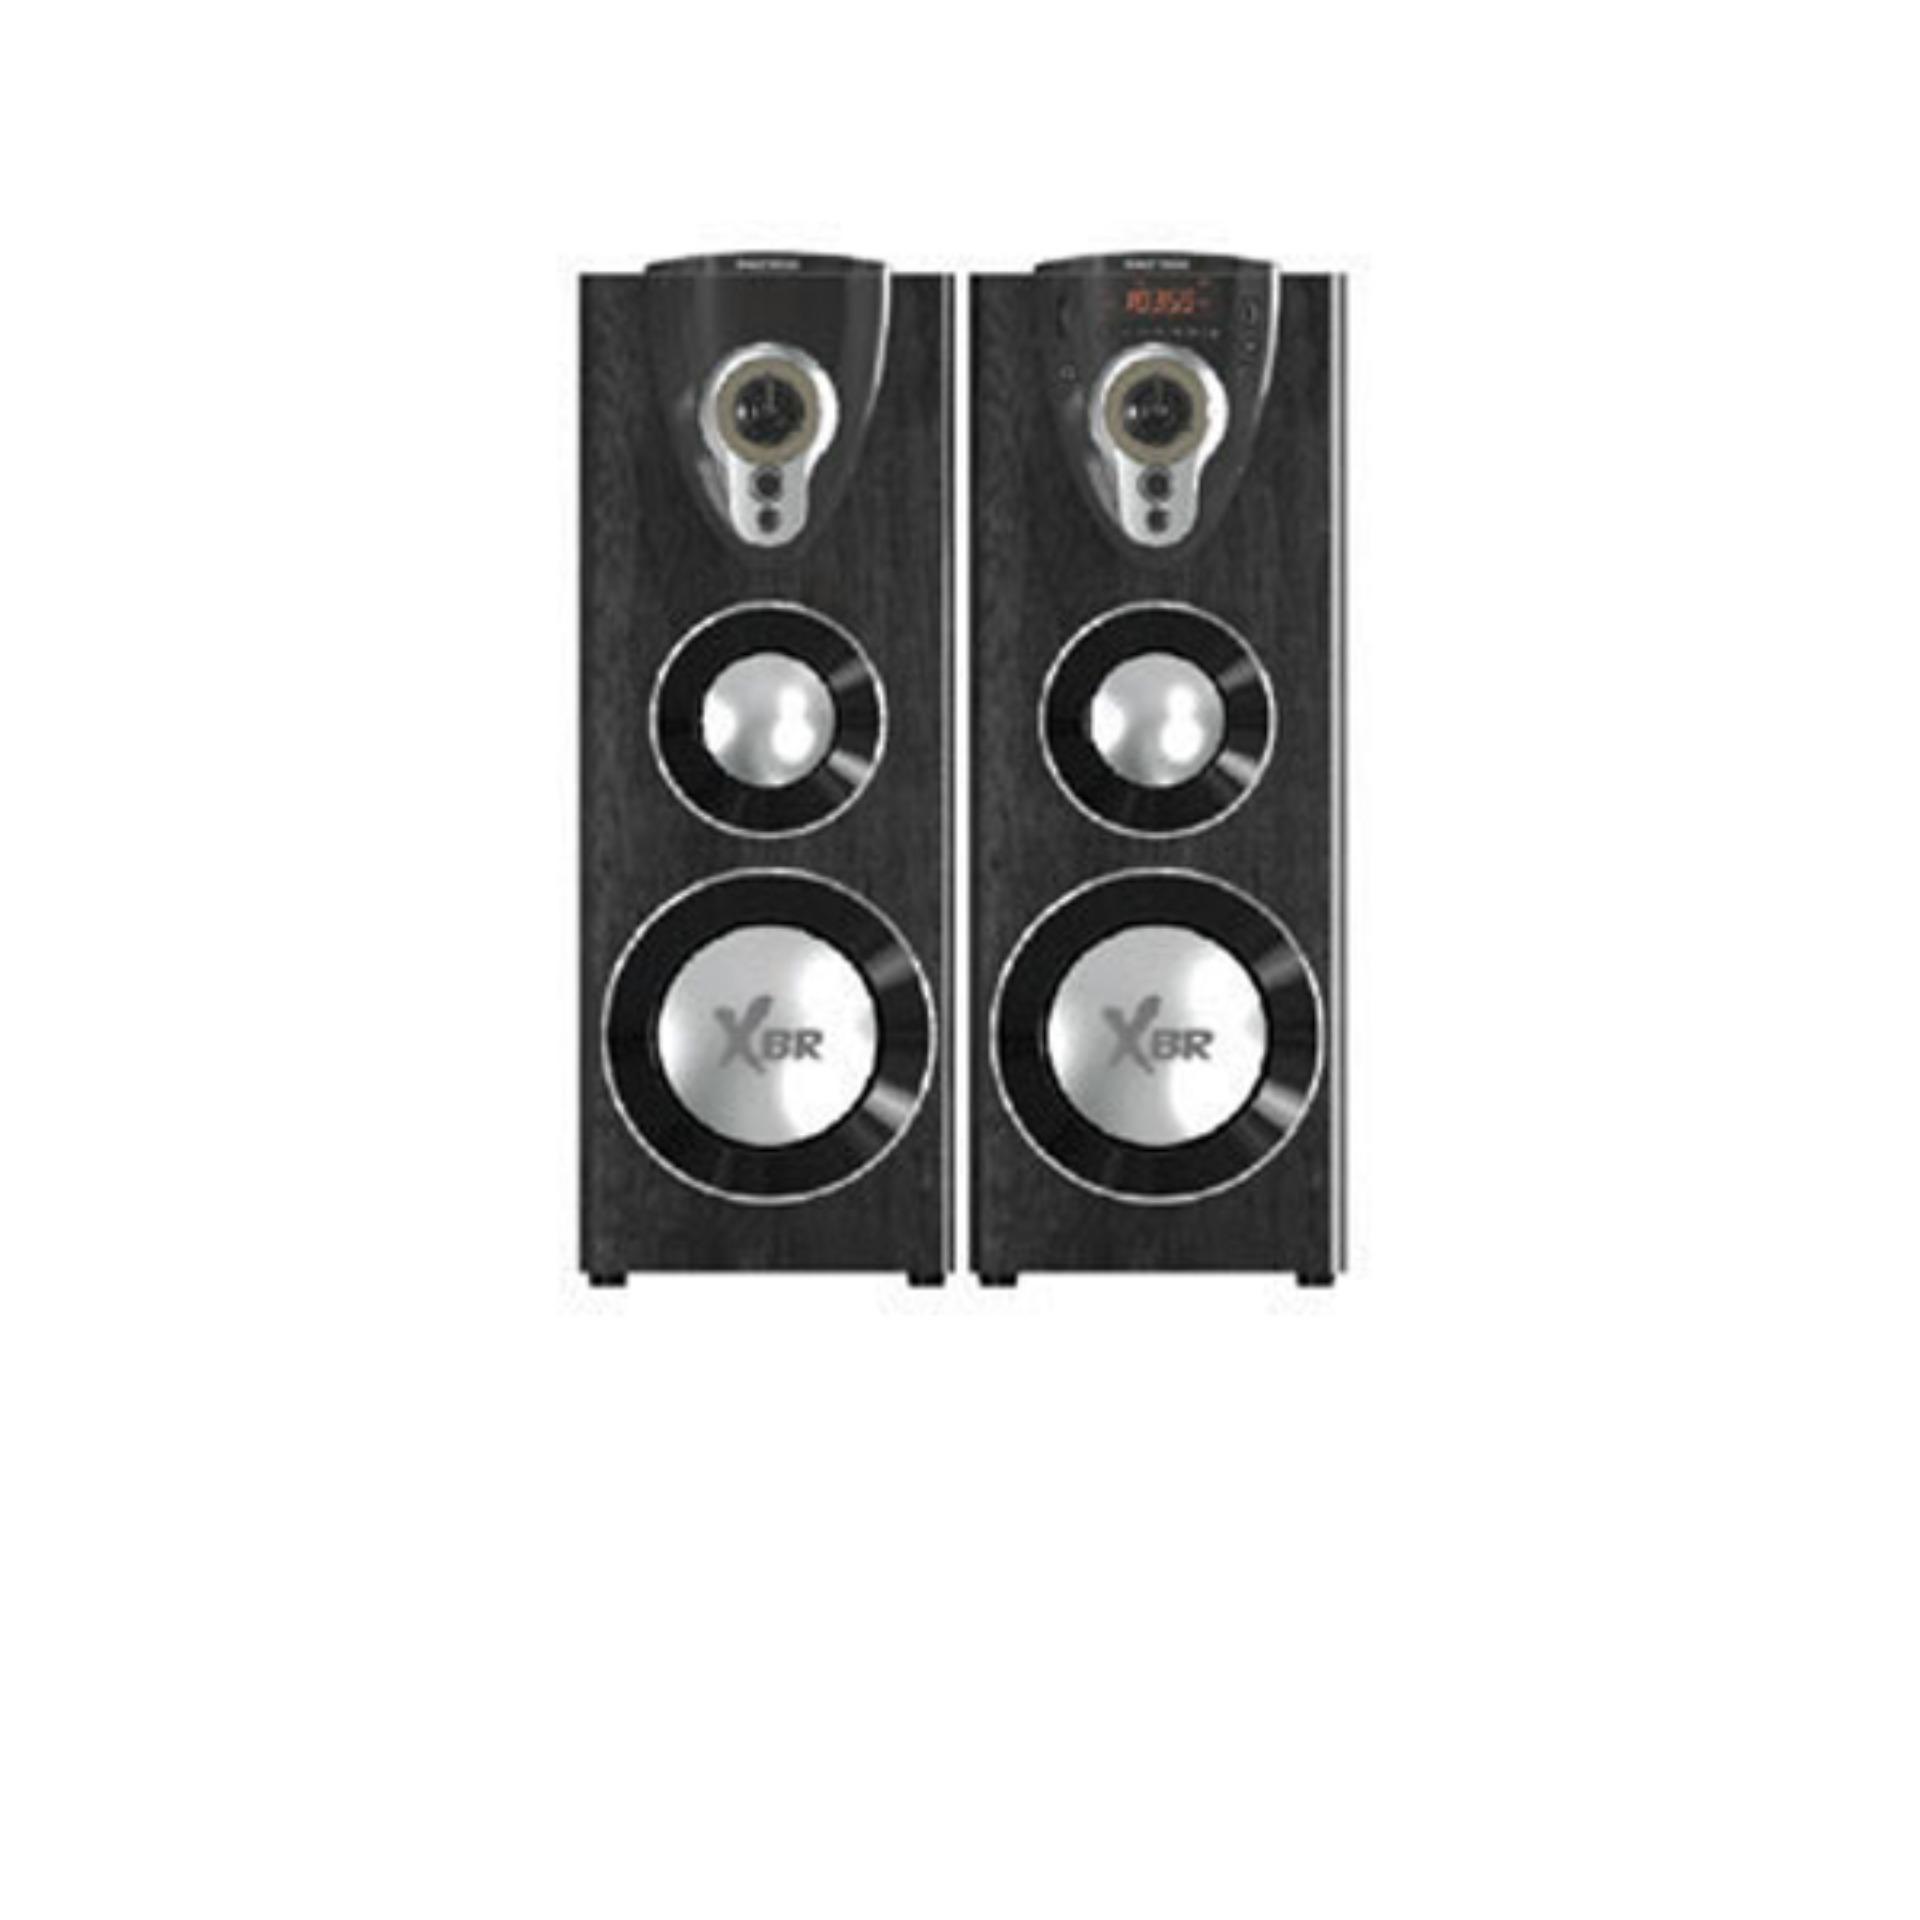 Perbandingan harga Polytron Audio - PAS37 - Hitam - Khusus Jabodetabek Anggaran Terbaik